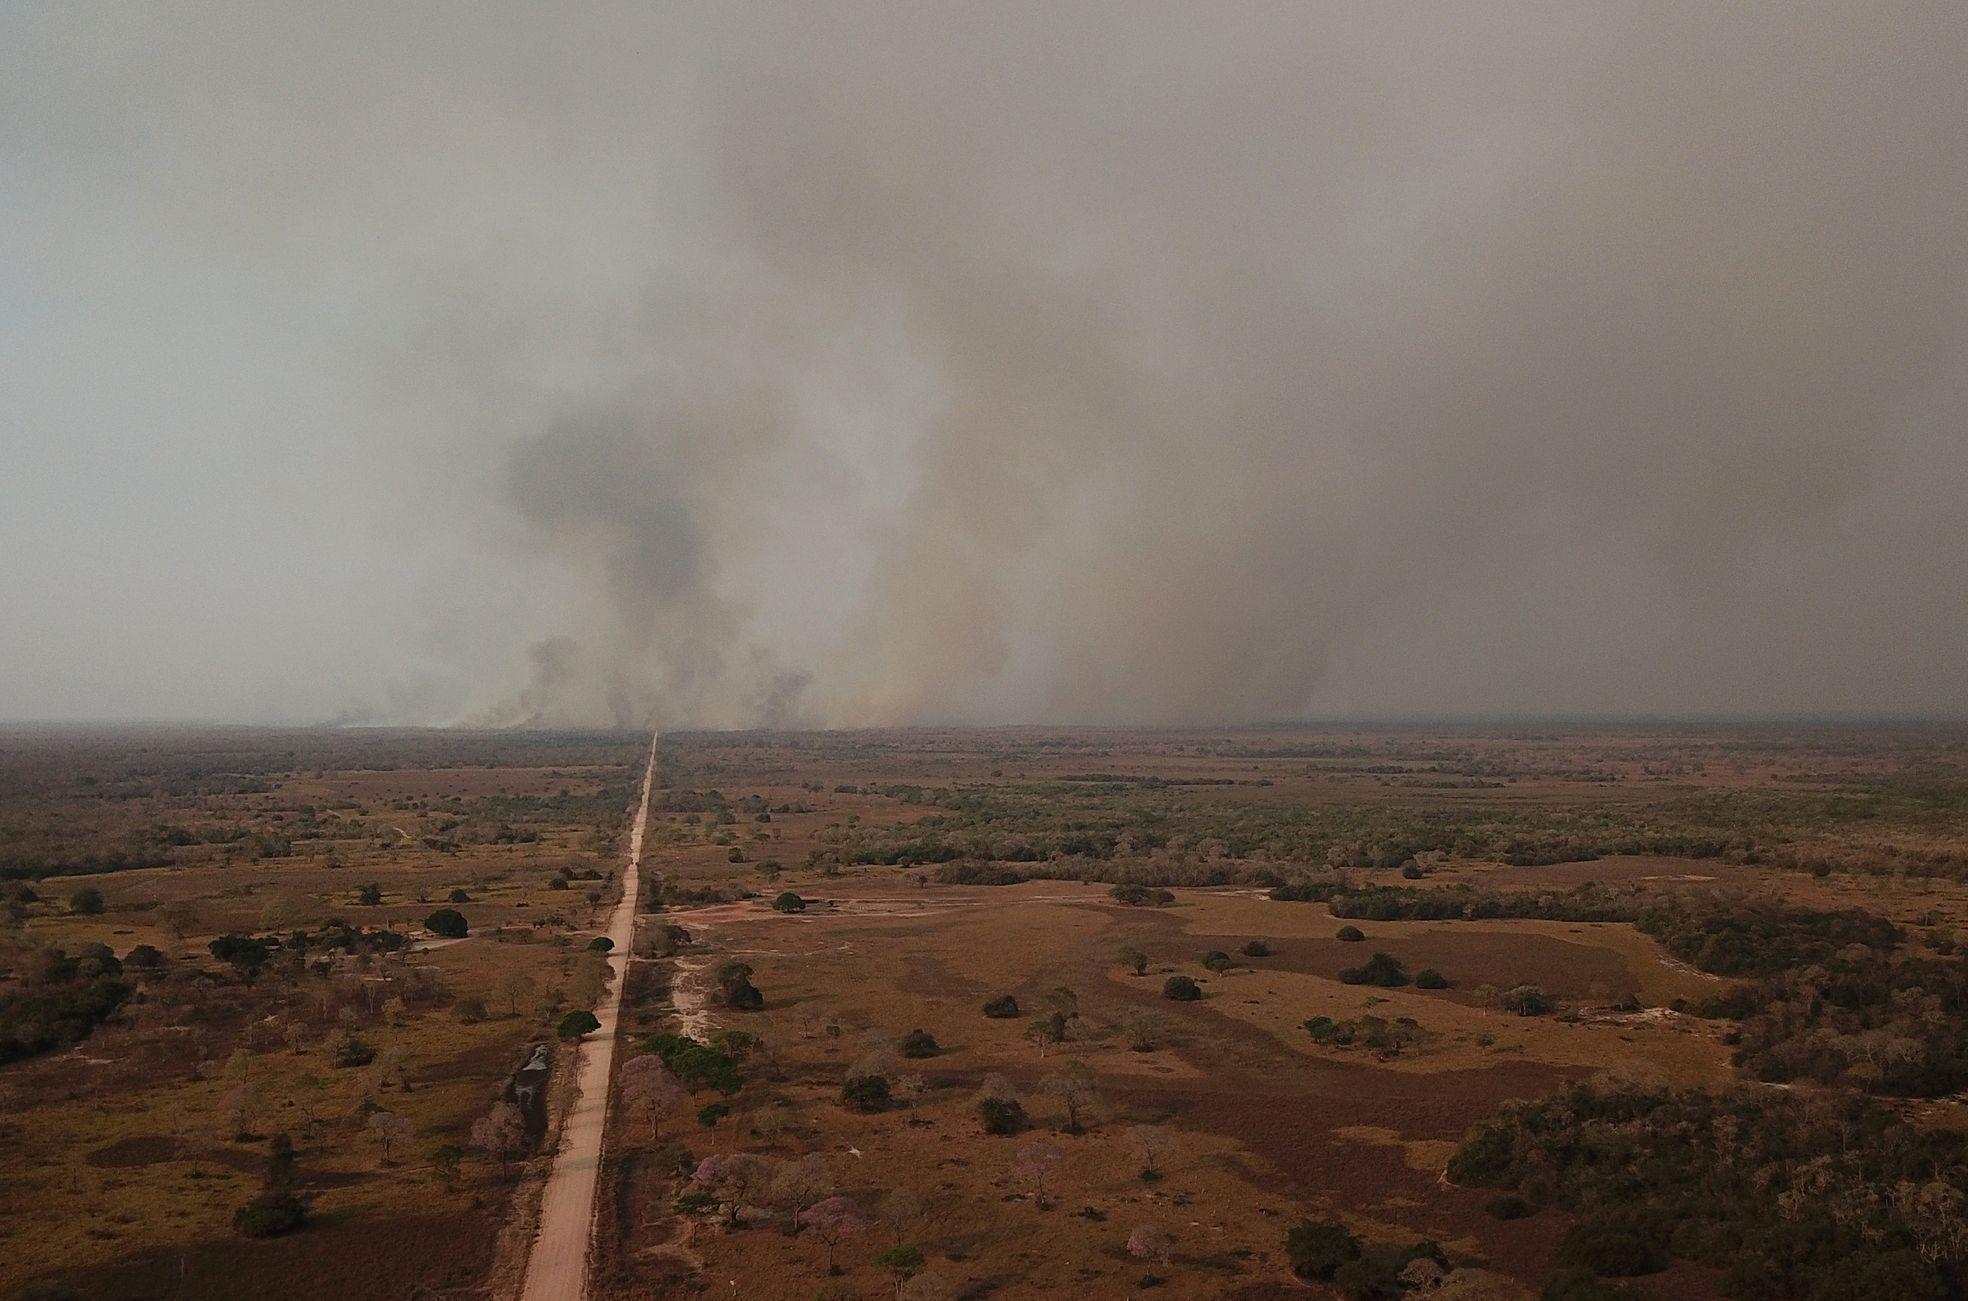 Letos amazonský prales mizí ještě rychleji než loni. I to přispívá k rekordním požárům v největším mokřadu světa.